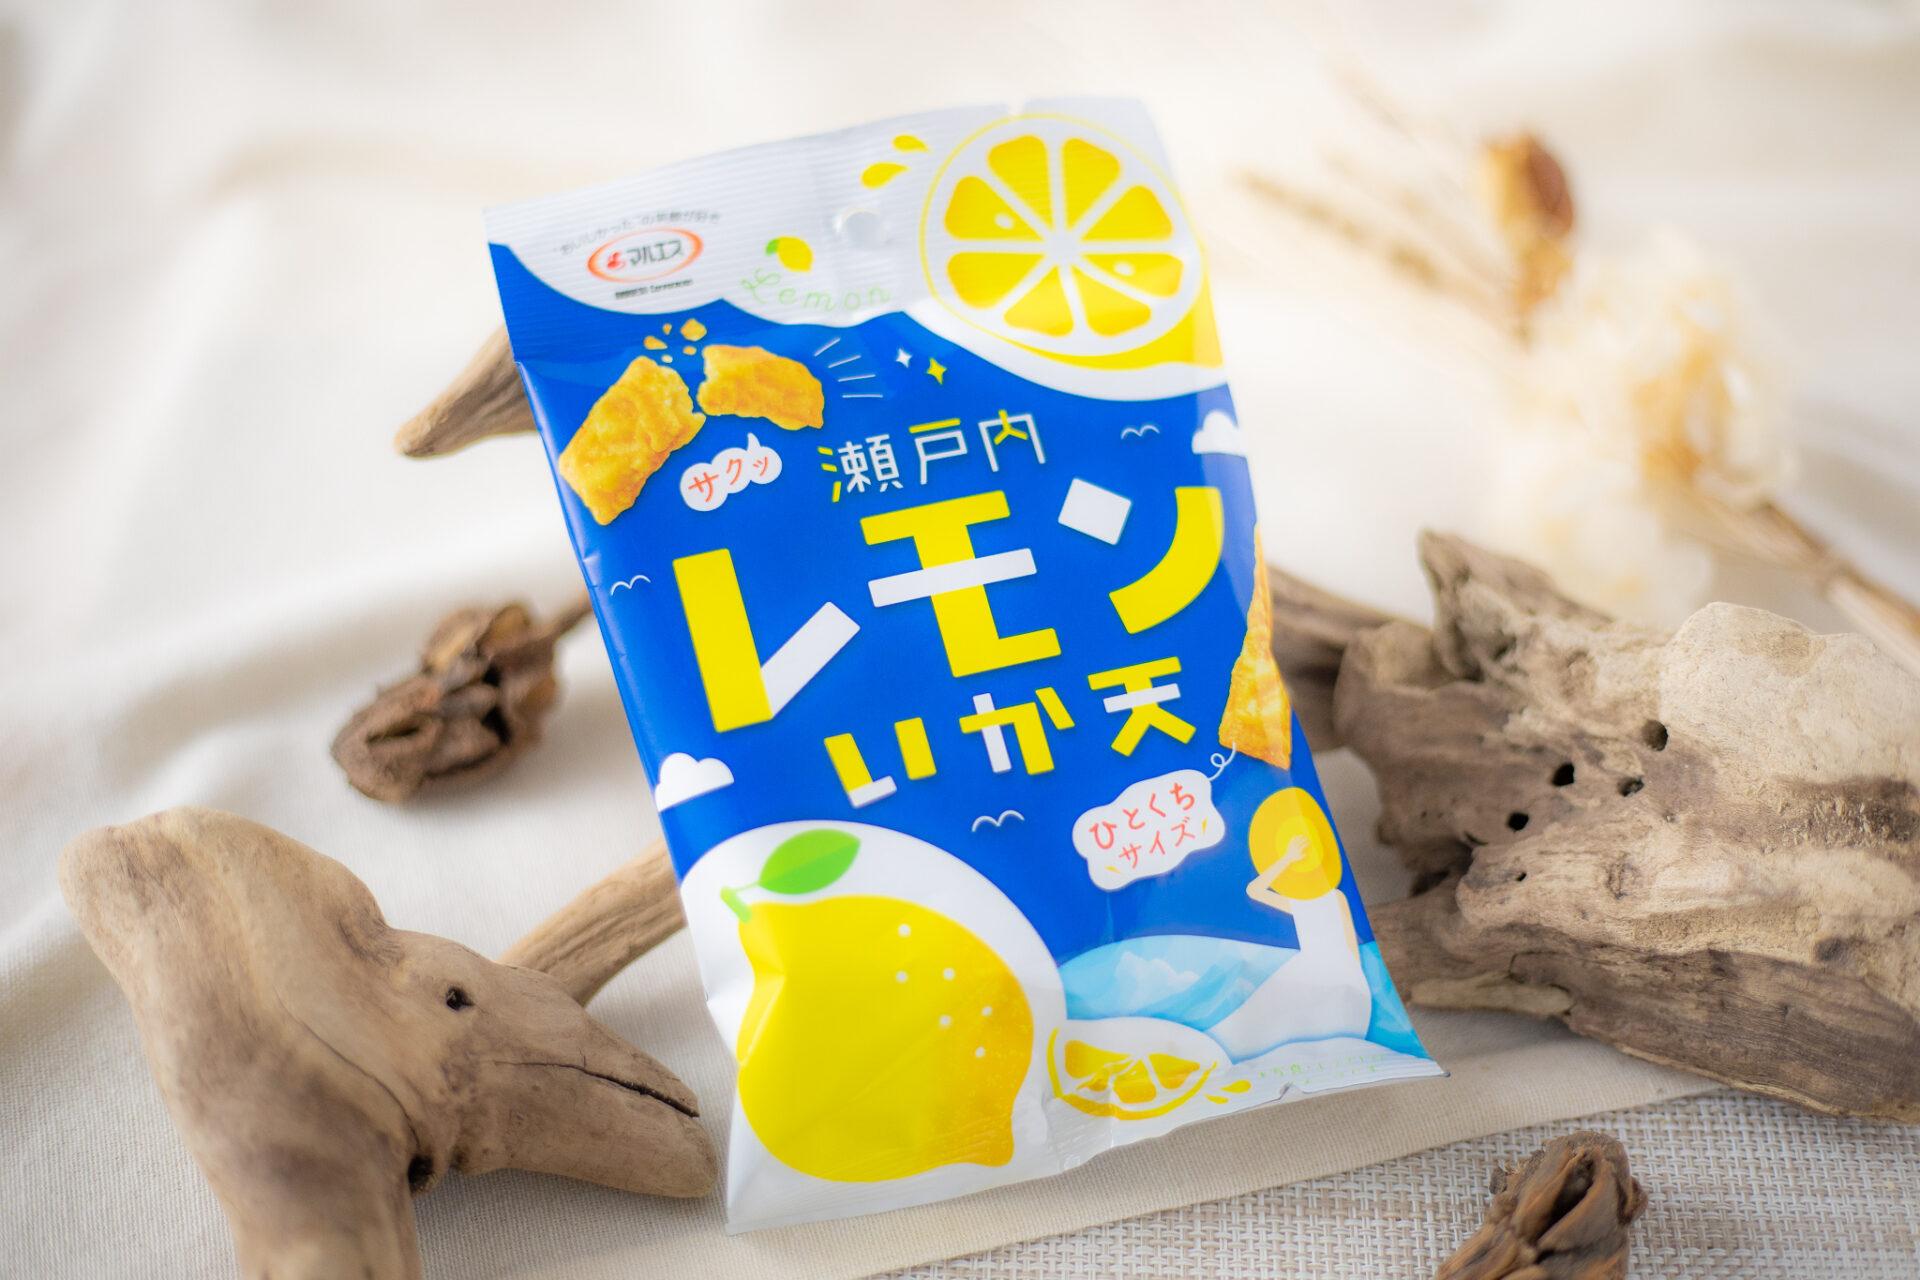 マルエス『瀬戸内レモンいか天』